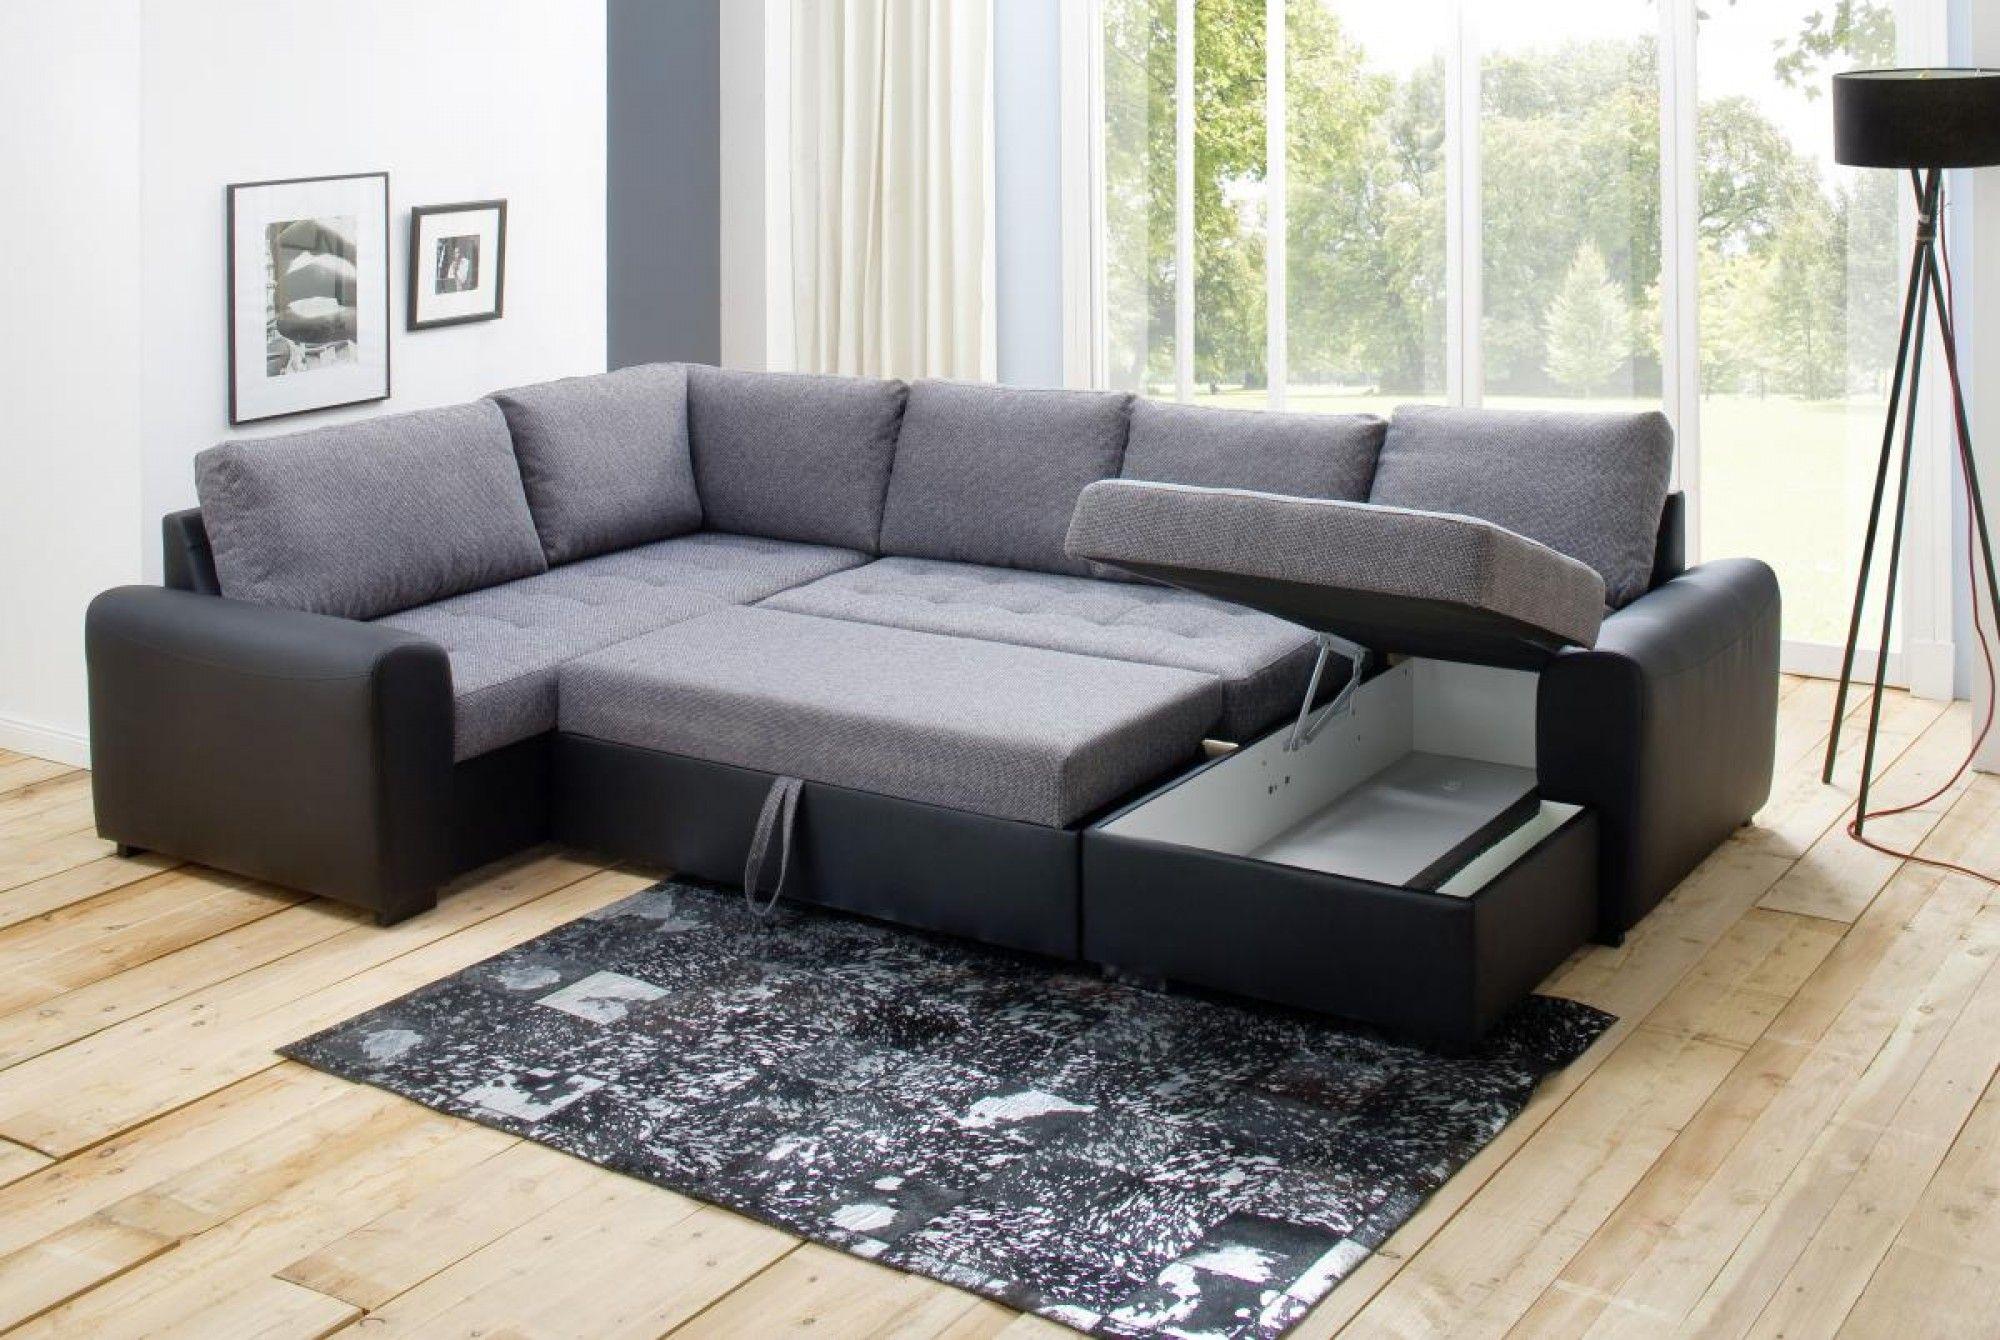 wohnlandschaft molly grau schwarz wohnlandschaft kreditkarten und grau. Black Bedroom Furniture Sets. Home Design Ideas